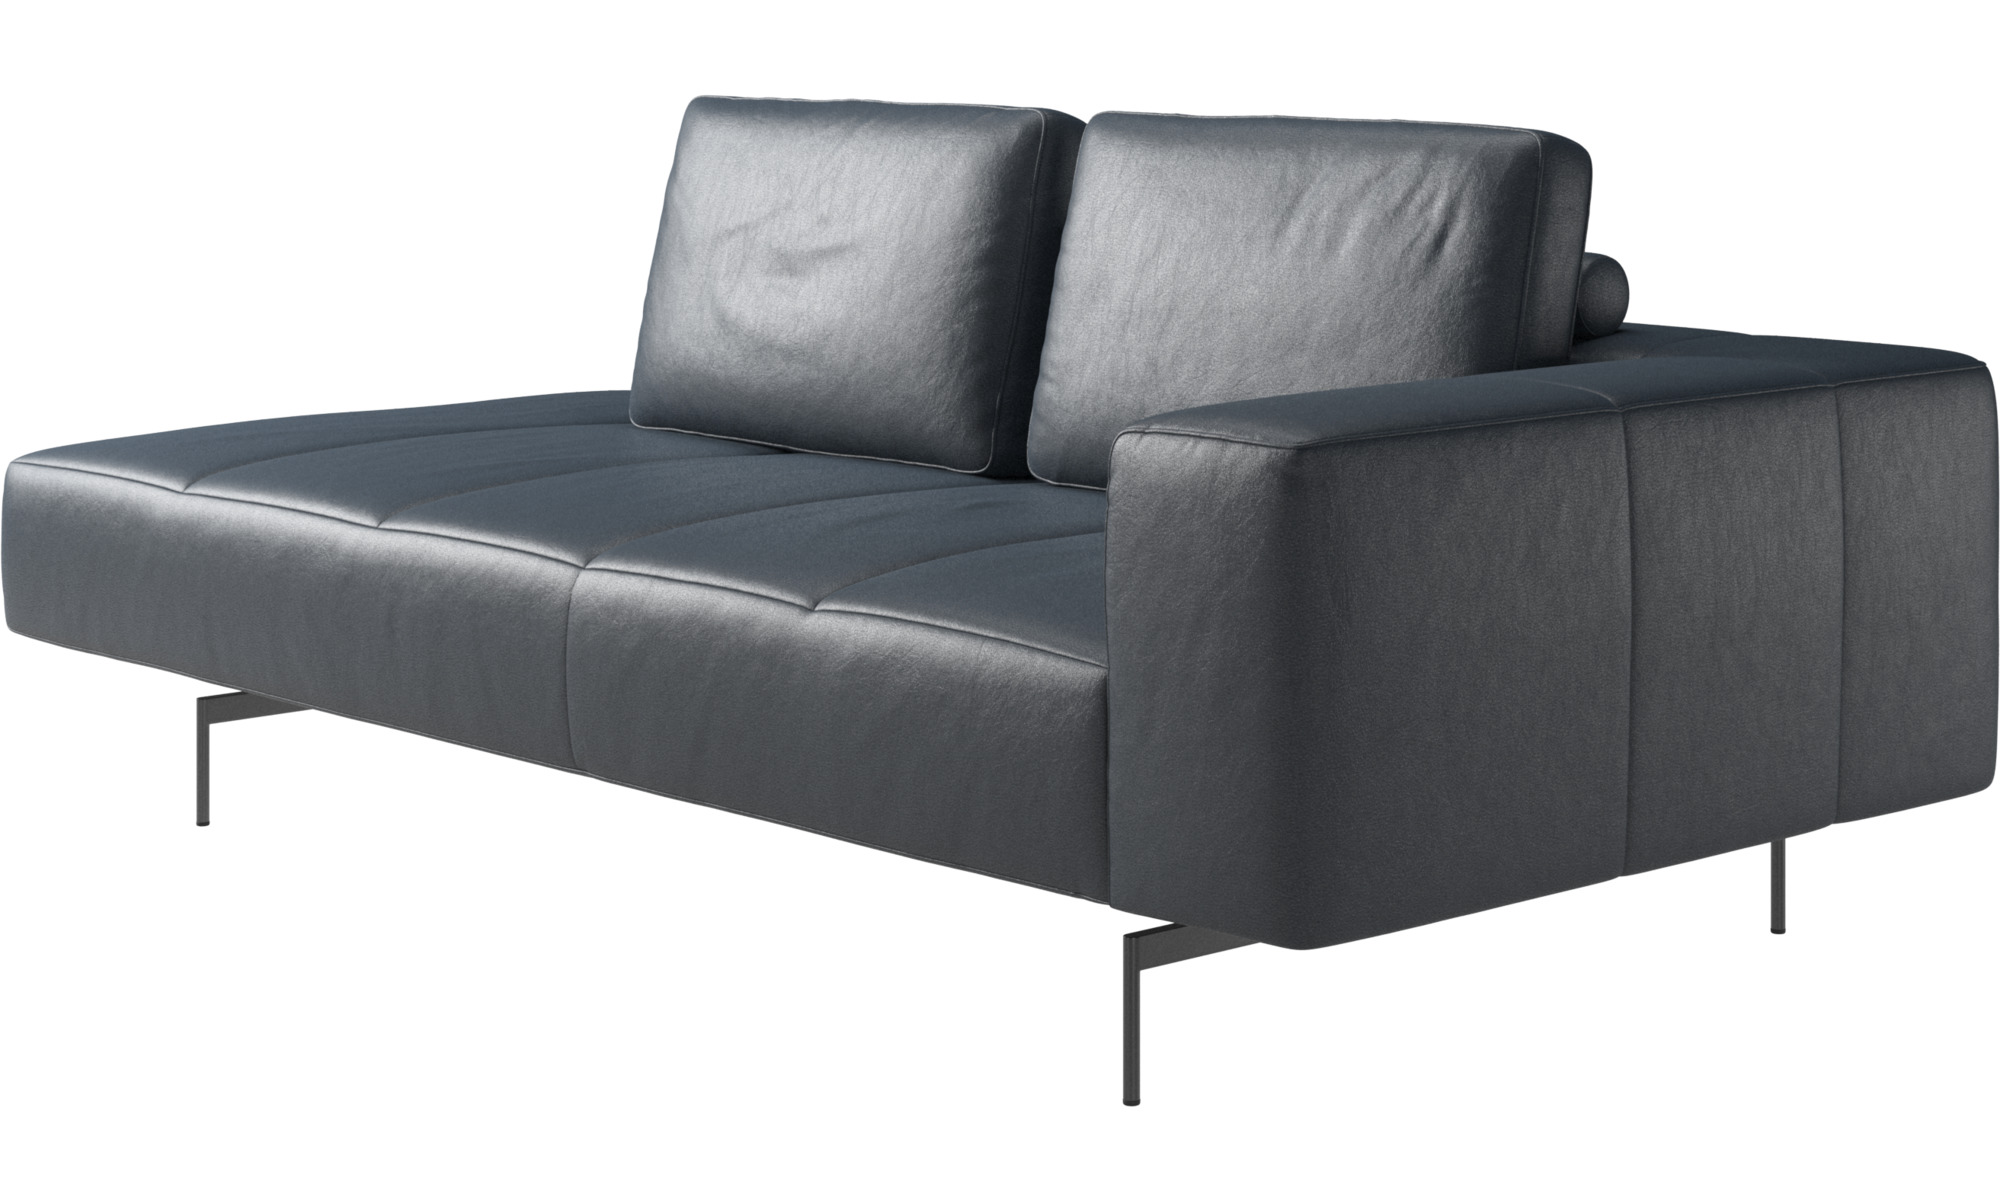 Full Size of Blaues Sofa Die Blaue Couch Bayern 1 Das Buchmesse Frankfurt 2019 Leipziger Gast Heute Leipzig Landhausstil Big Mit Hocker Home Affaire 3 Teilig Kaufen Sofa Blaues Sofa